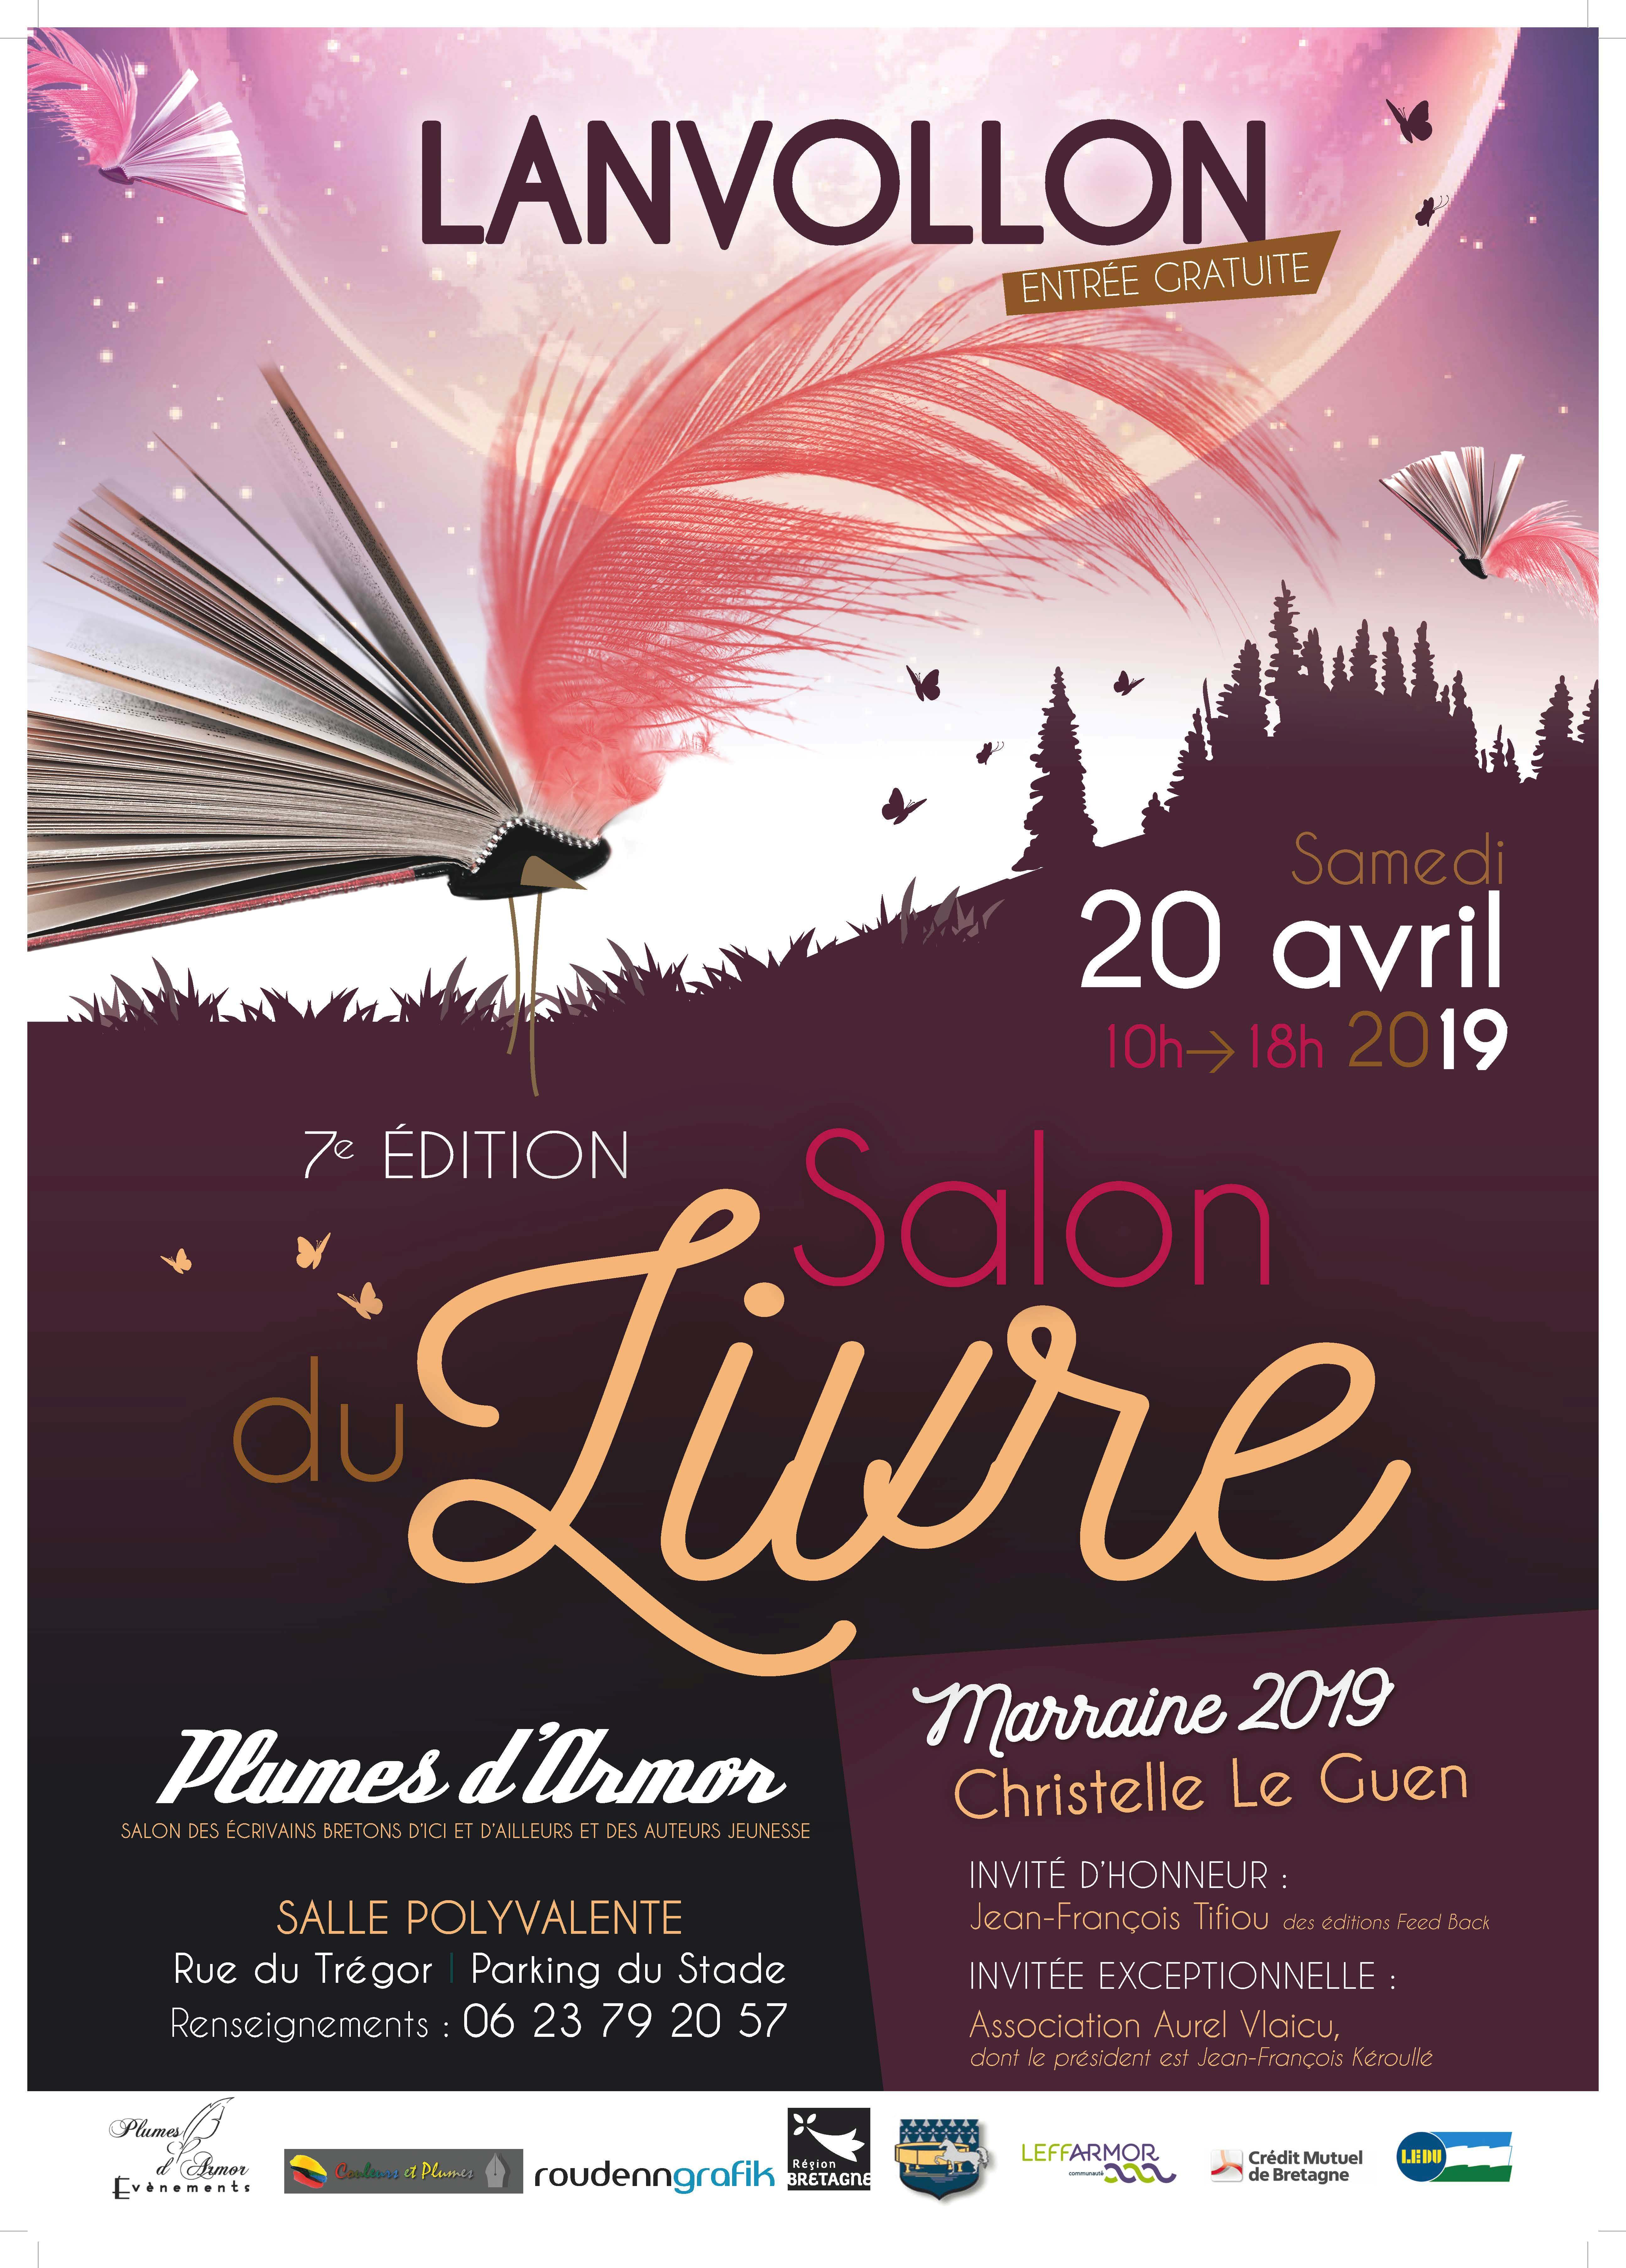 Les Lutins Urbains au Salon du Livre de Lanvolon 2019